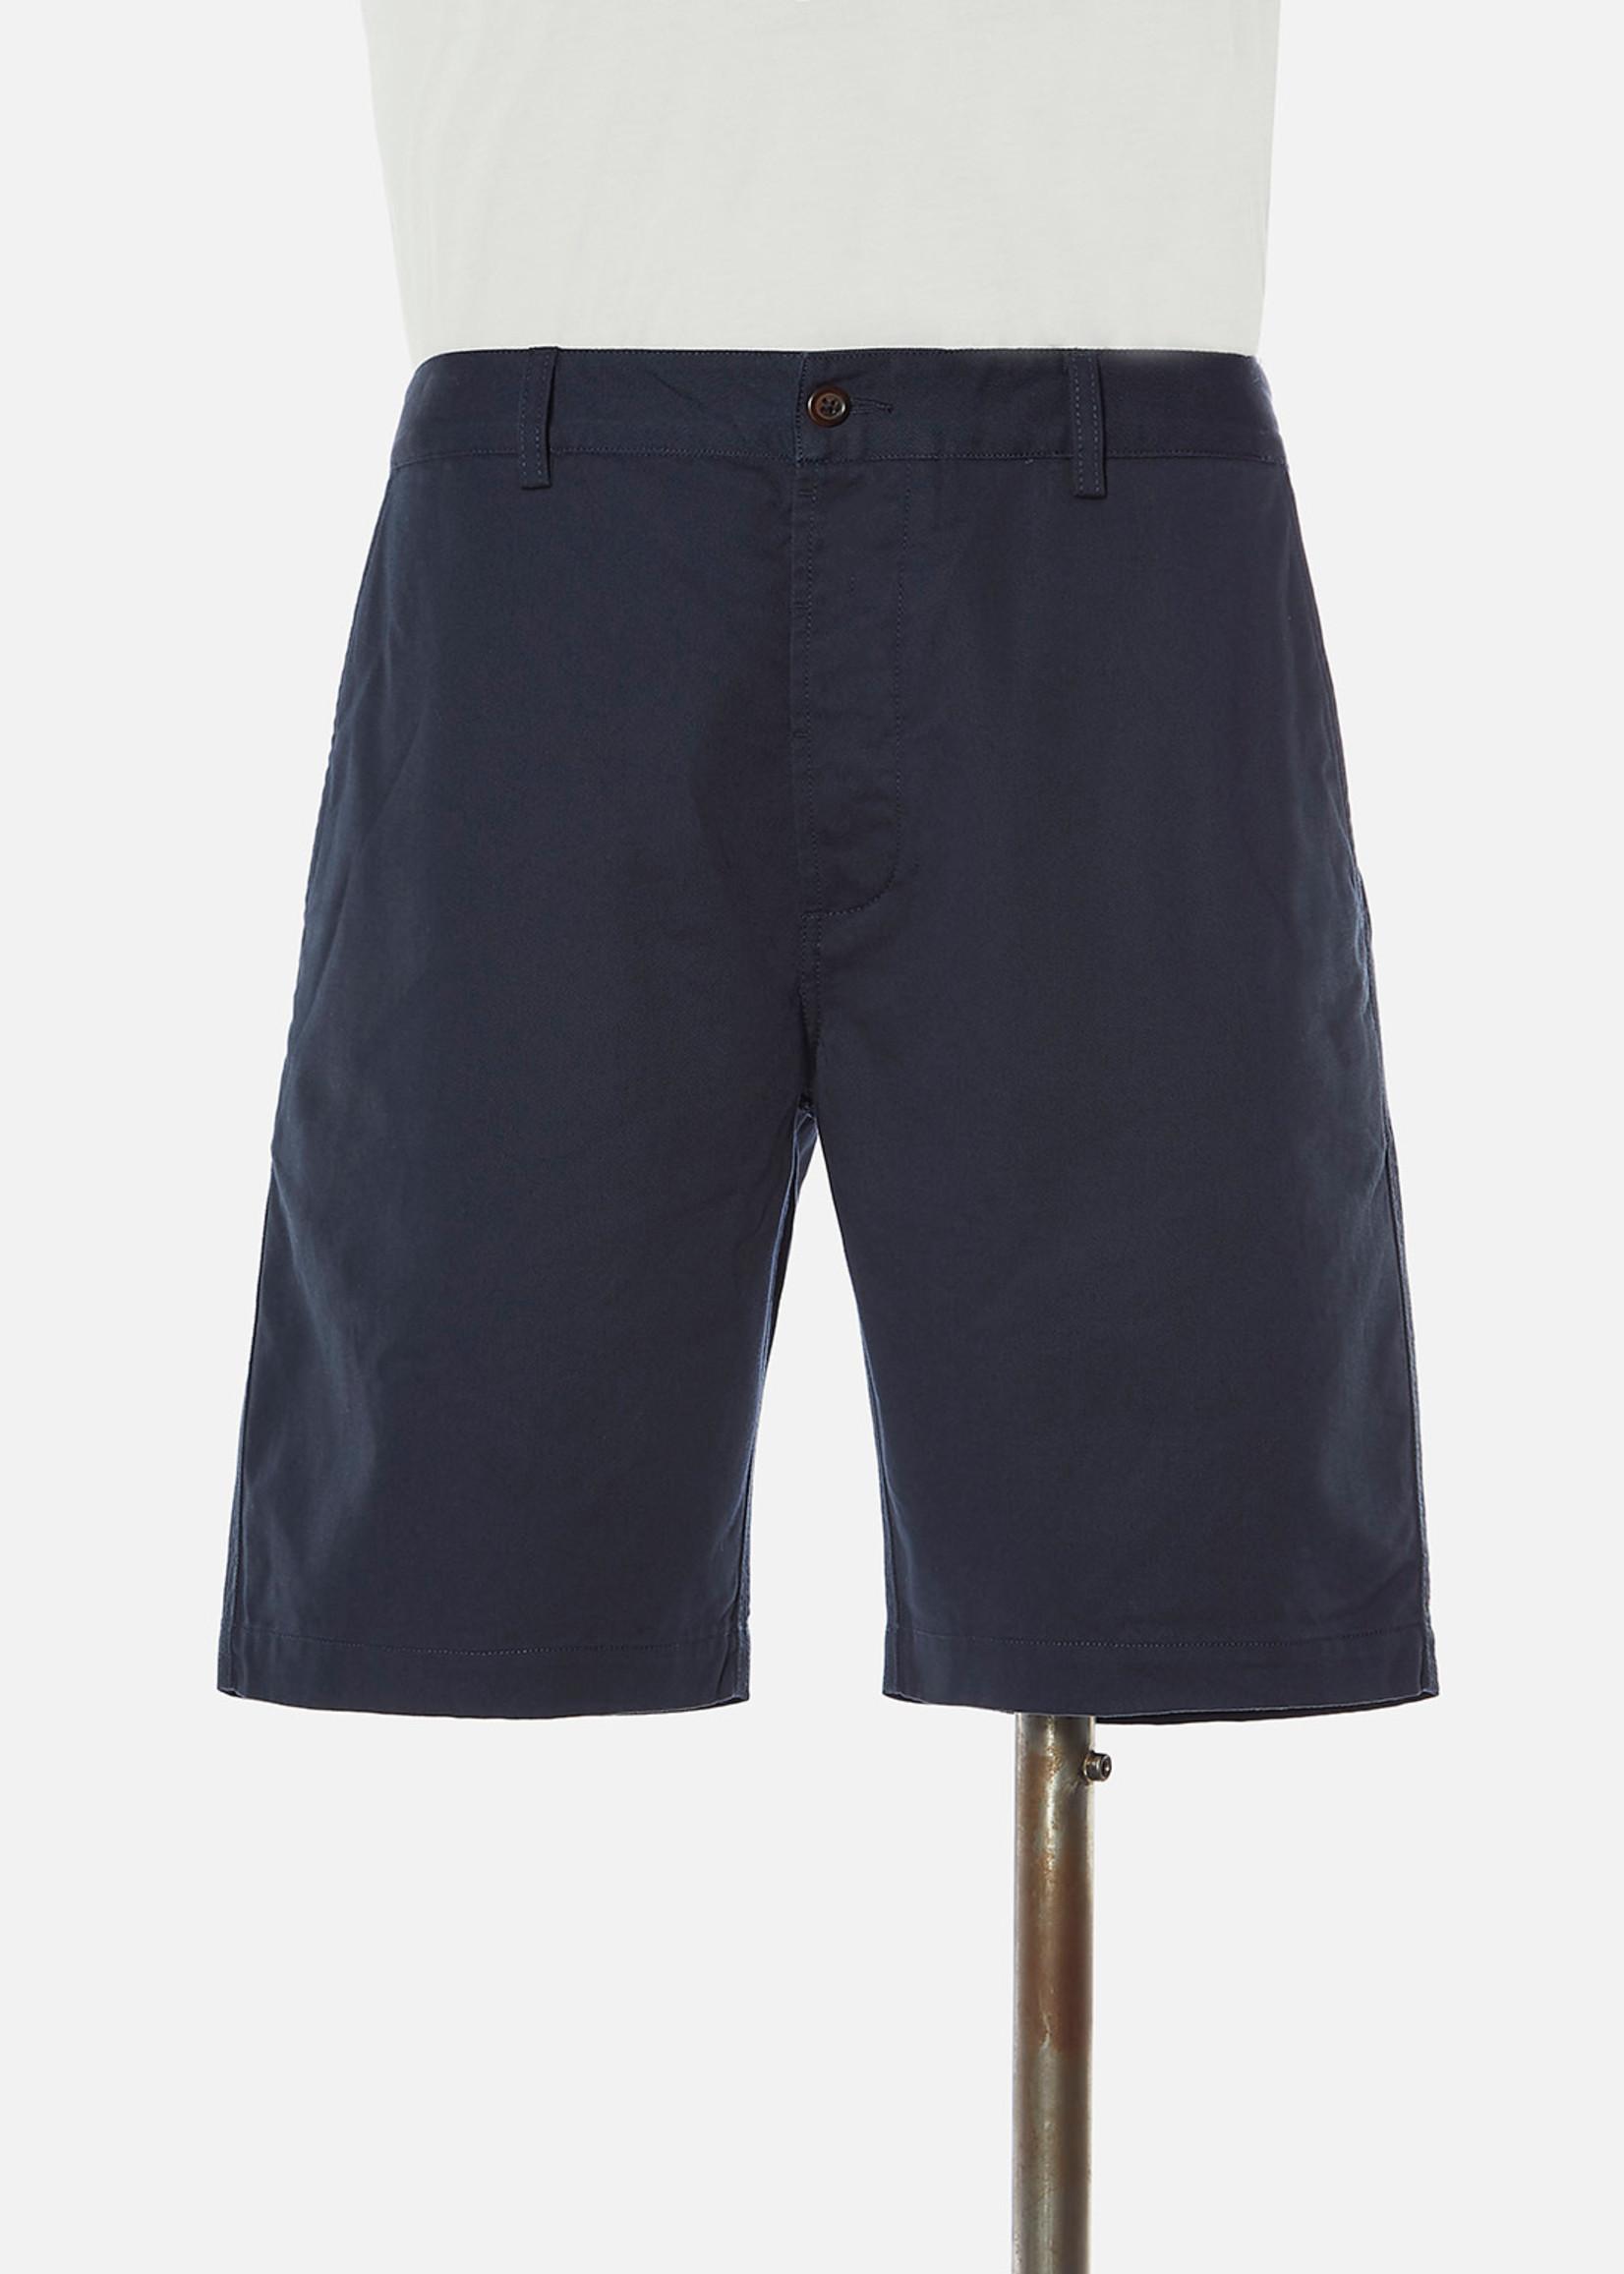 Universal Works Universal Works Deck Short Navy Cotton Twill